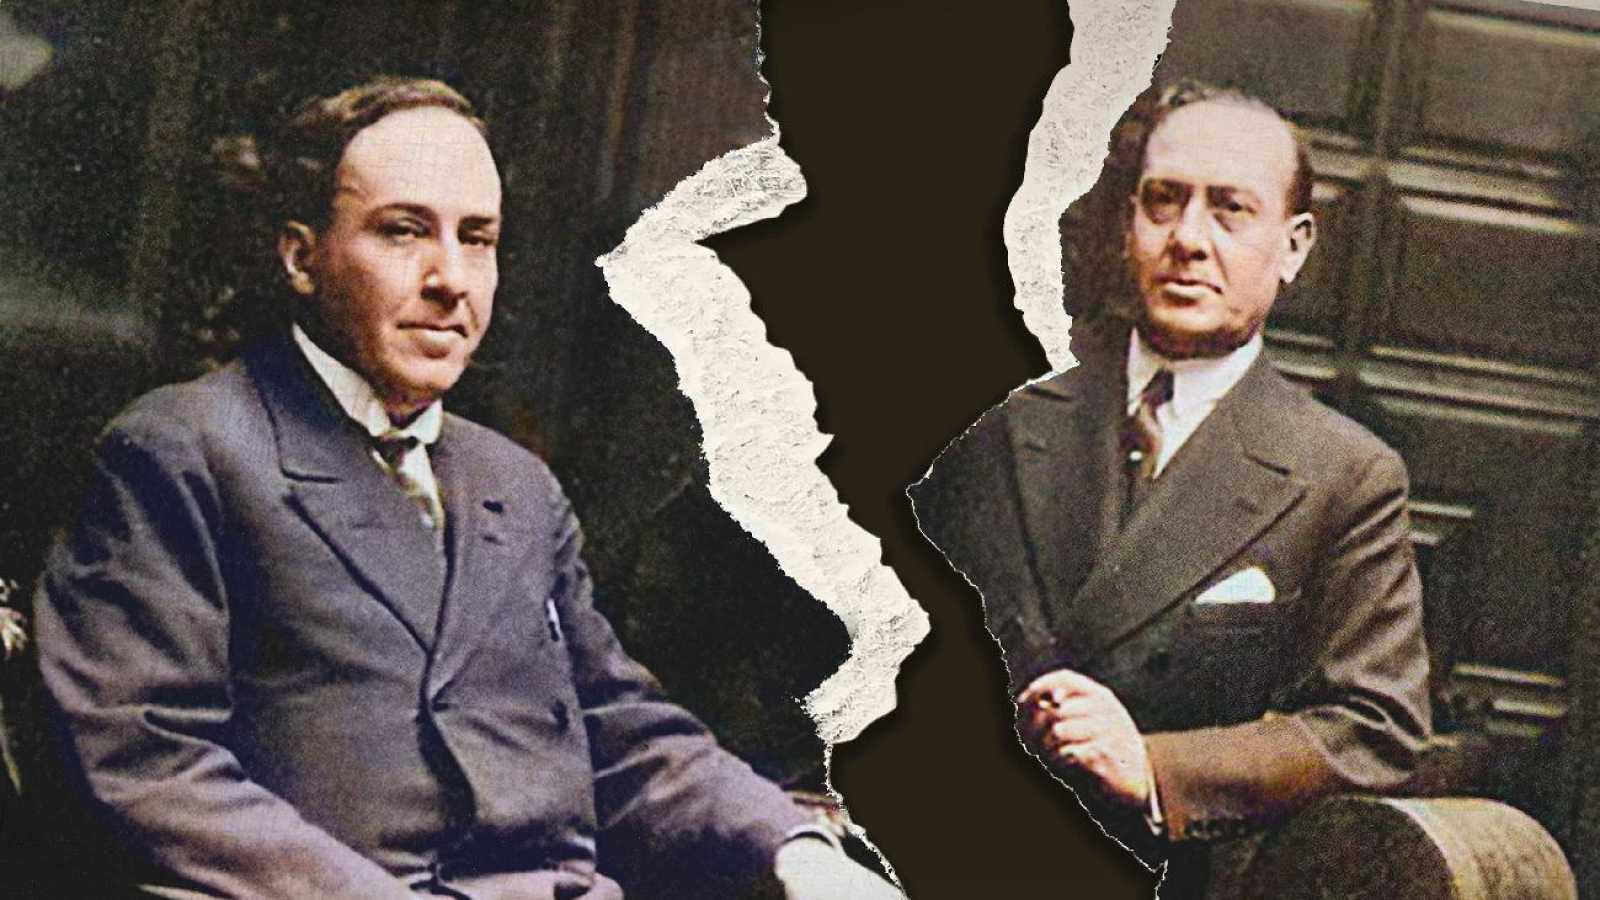 Punto de enlace - 'Los hermanos Machado' en Madrid - escuchar ahora